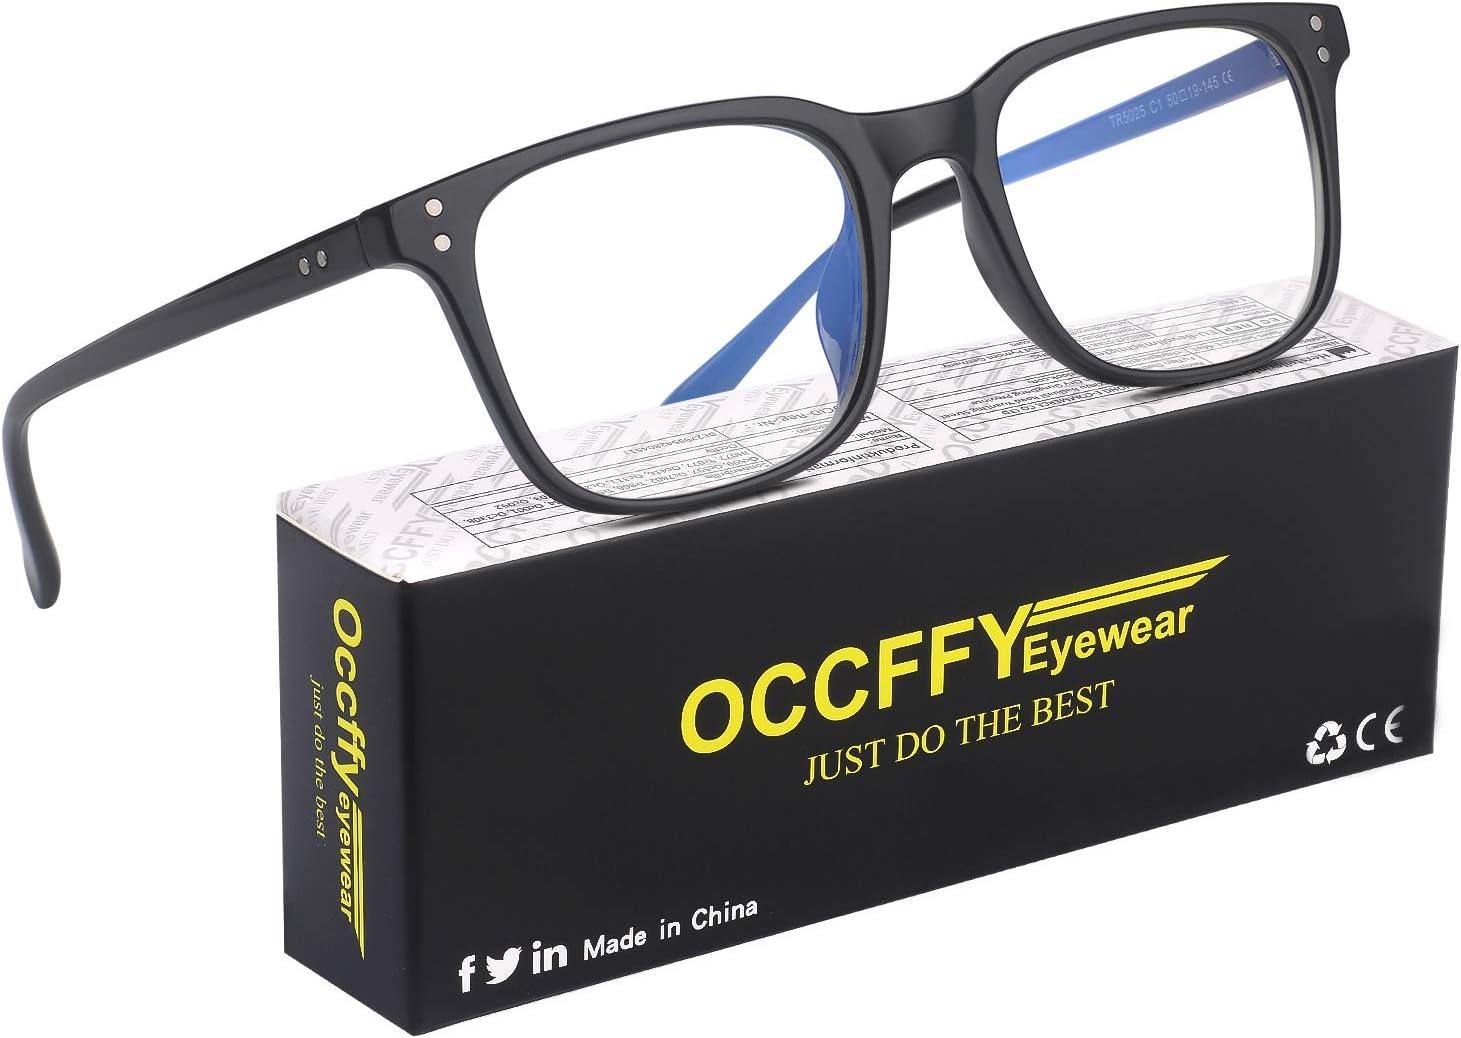 Occffy Gafas para Ordenador Anti luz Azul Antifatiga Sin Graduacion Gafas Luz Azul para PC, Gaming, Tablet, Lectura, Video Juegos Lentes Transparente Hombre Mujer Oc092 (Negro)